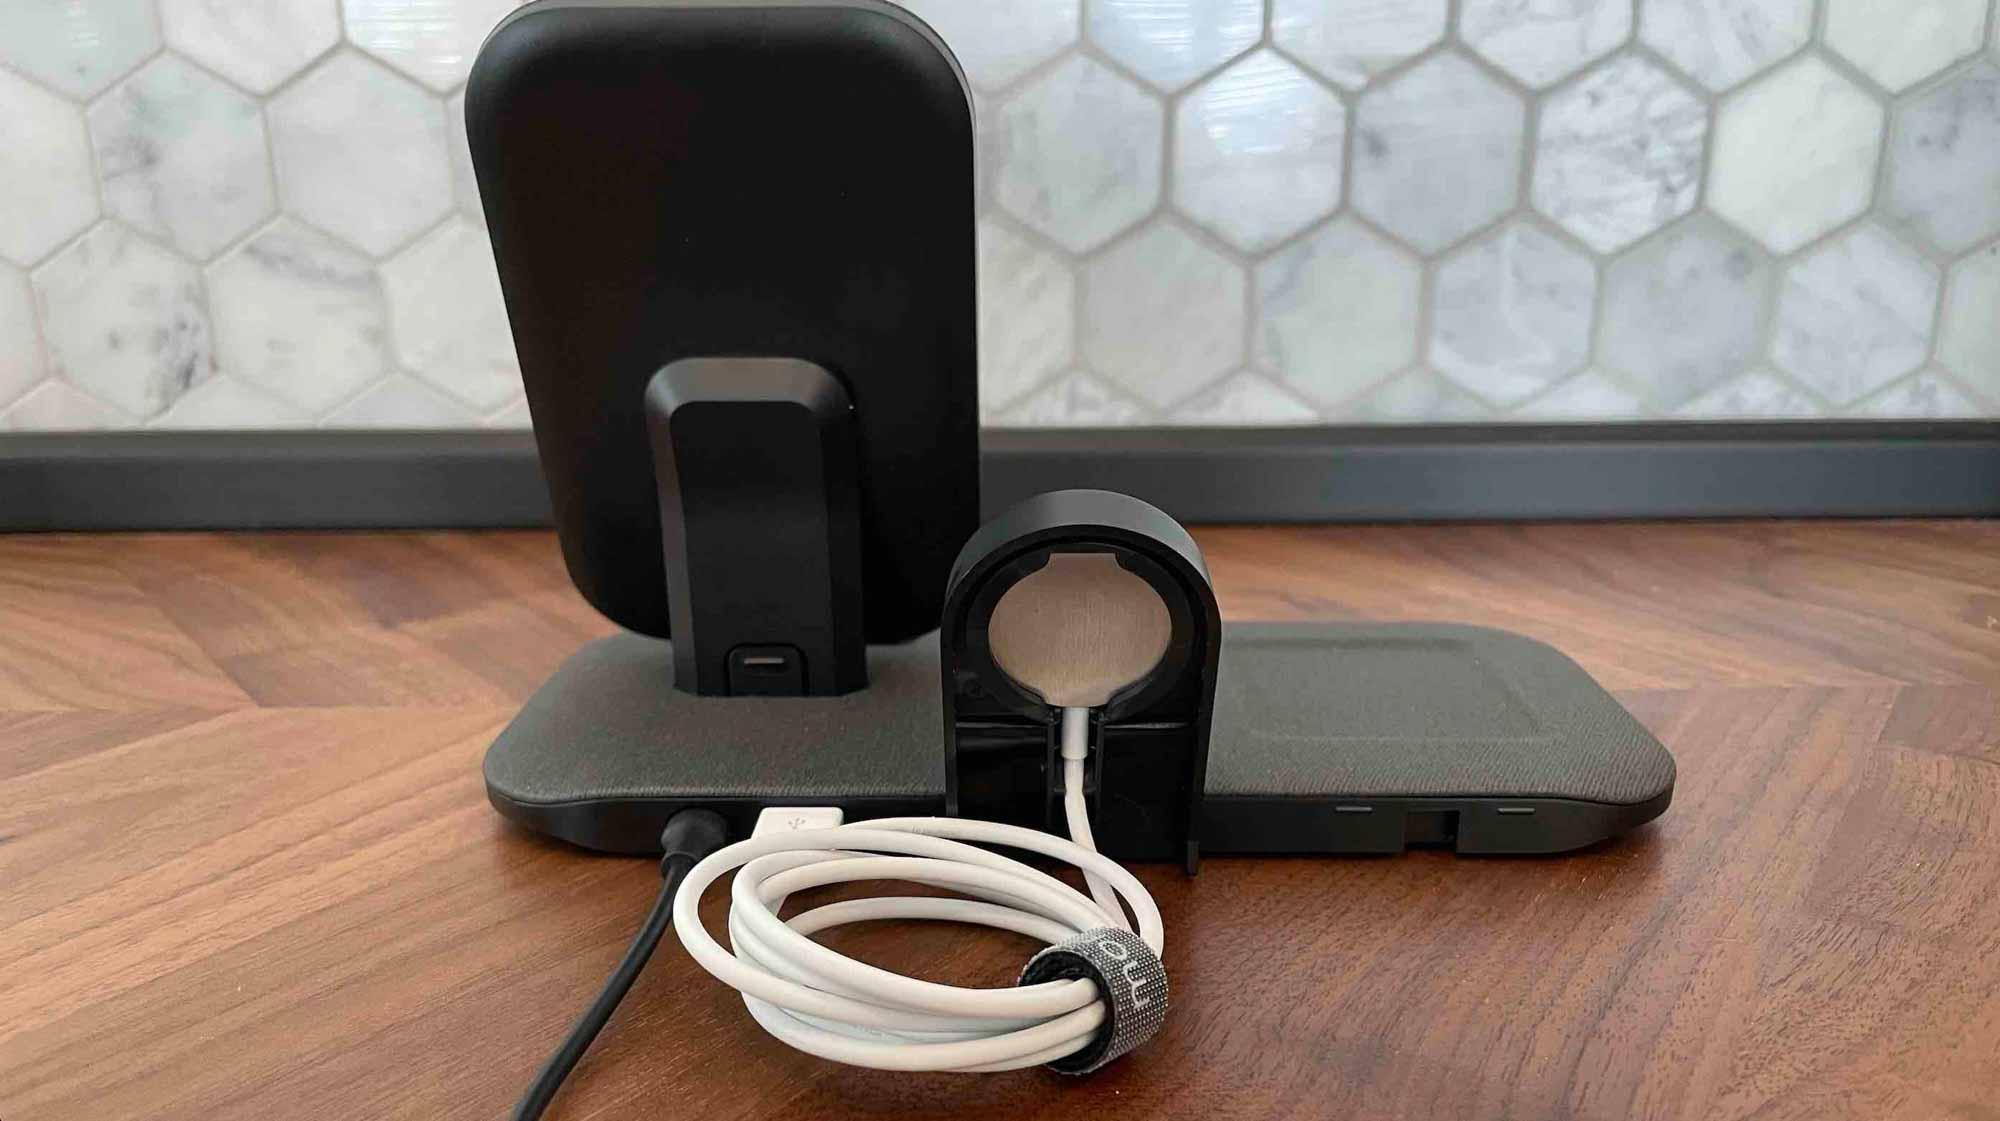 Зарядная станция Mophie + для Apple Watch, iPhone, AirPods сзади Посмотреть